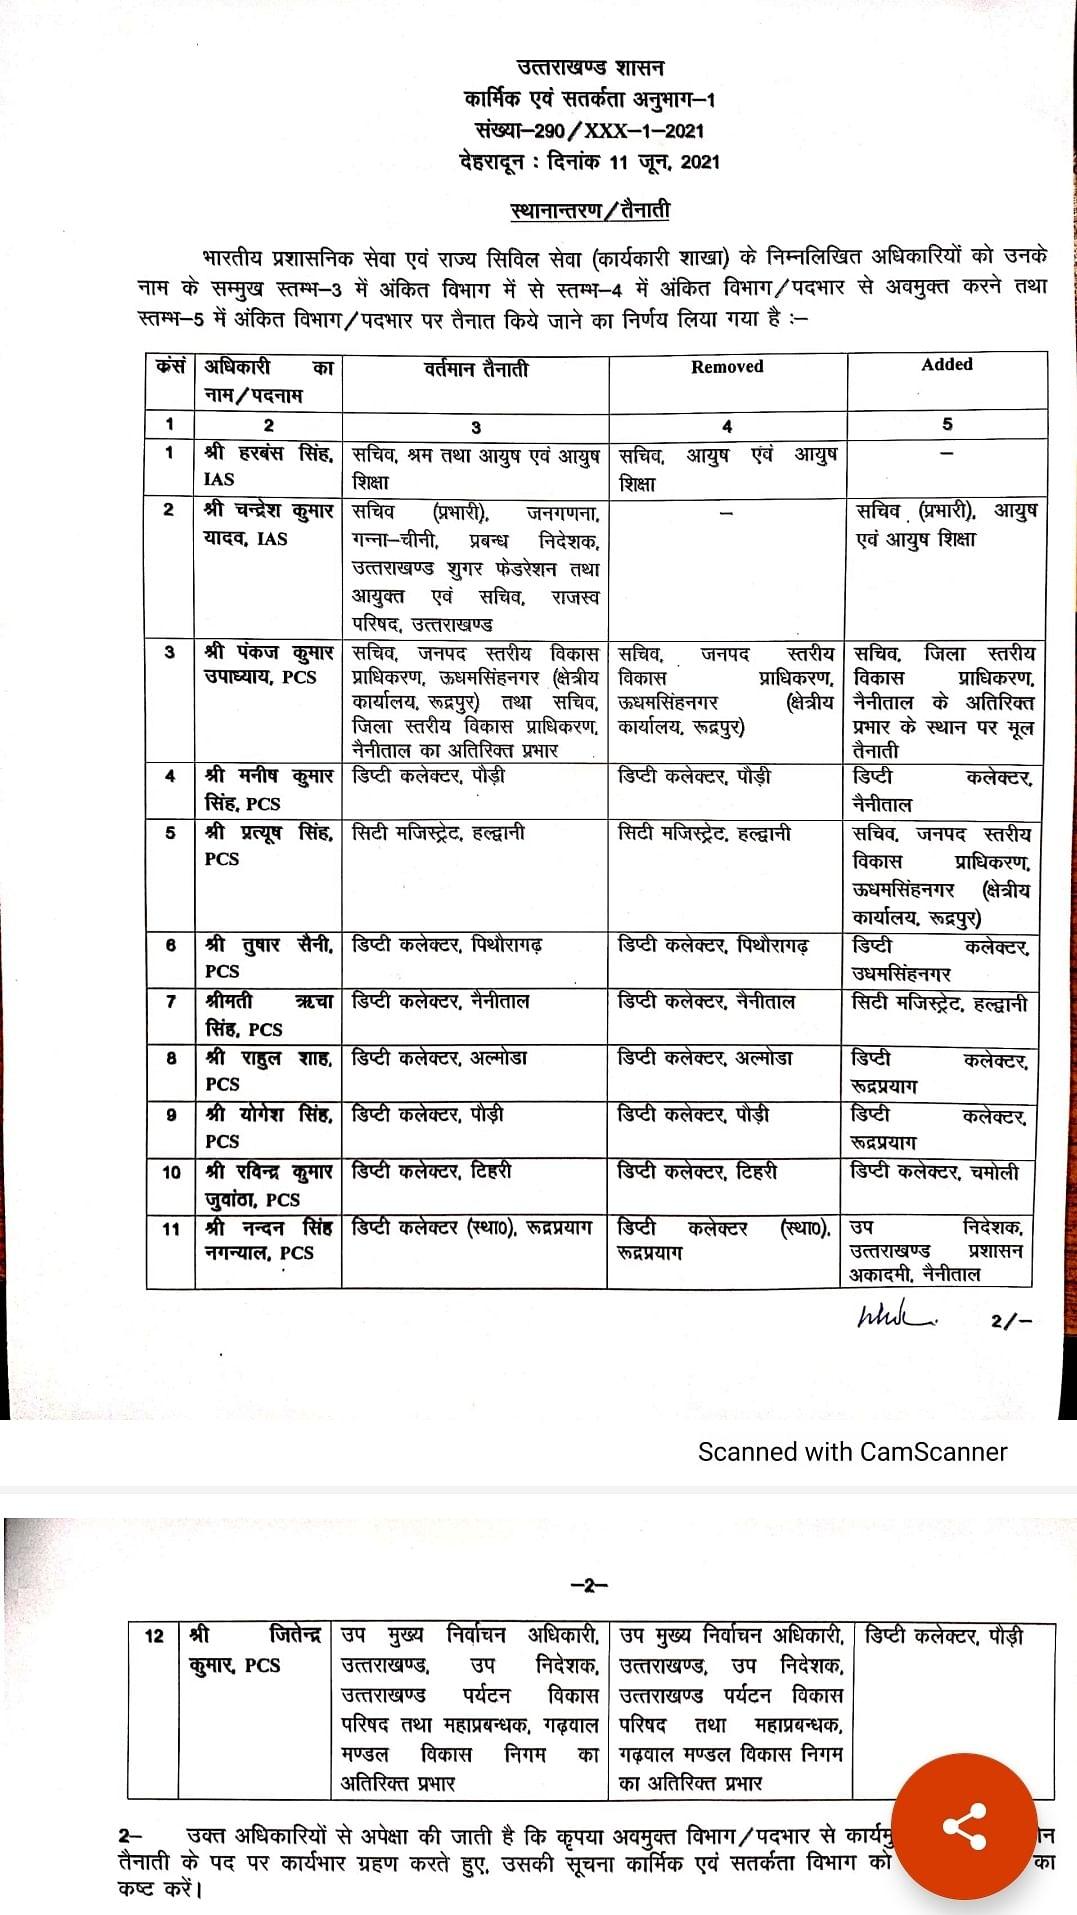 दो आईएएस, 10 पीसीएस अधिकारियों का प्रभार बदला